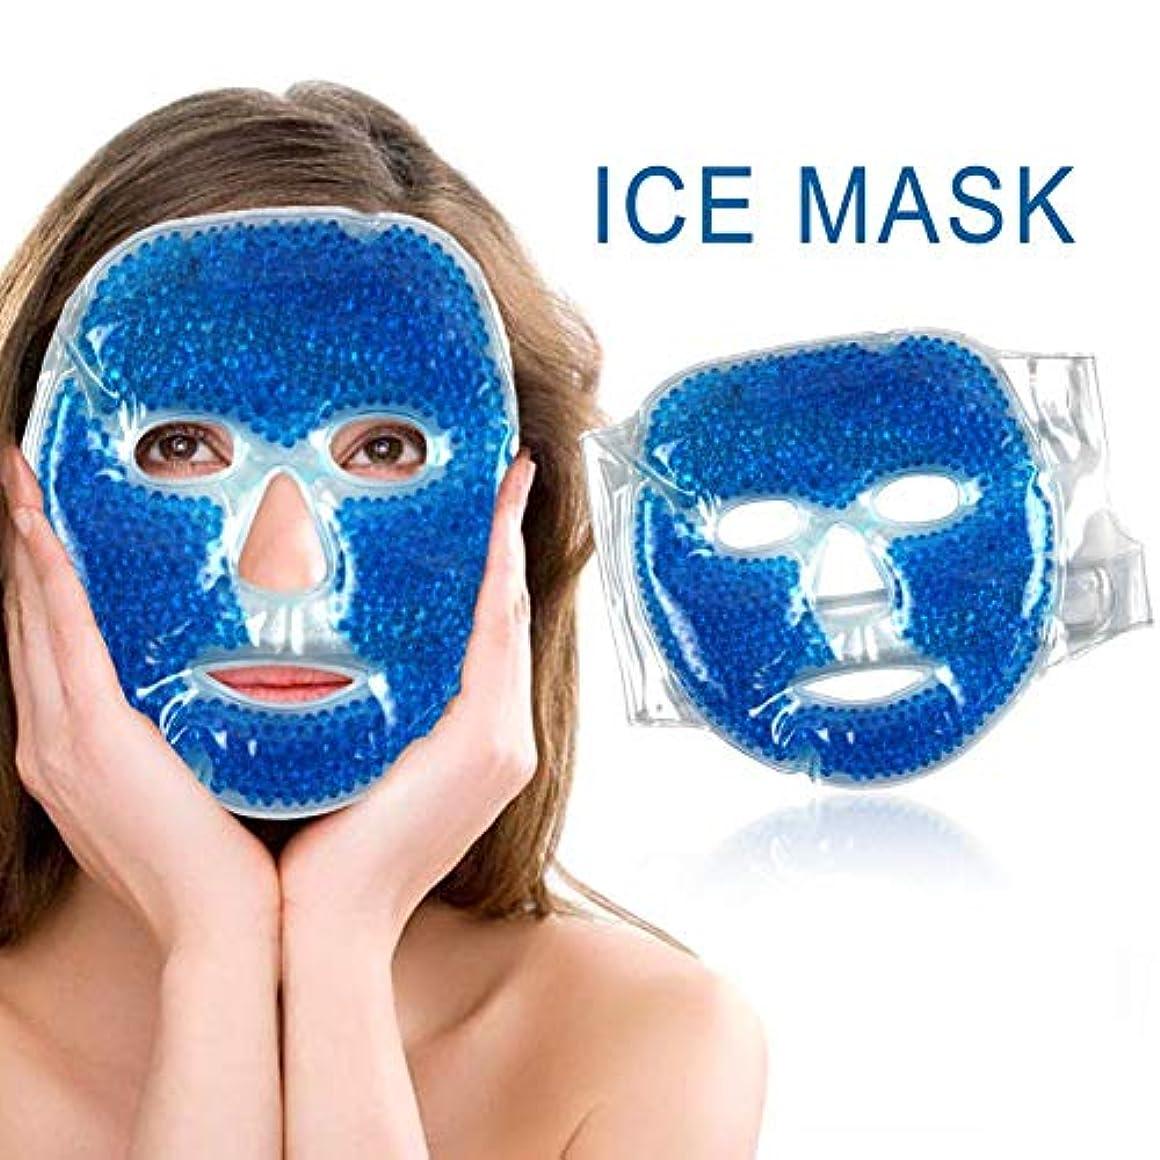 バーター有益ありふれたSILUN フェイスマスク 冷温兼用 アイスマスク 美容用 再利用可能 毛細血管収縮 疲労緩和 肌ケア 保湿 吸収しやすい 美容マッサージ